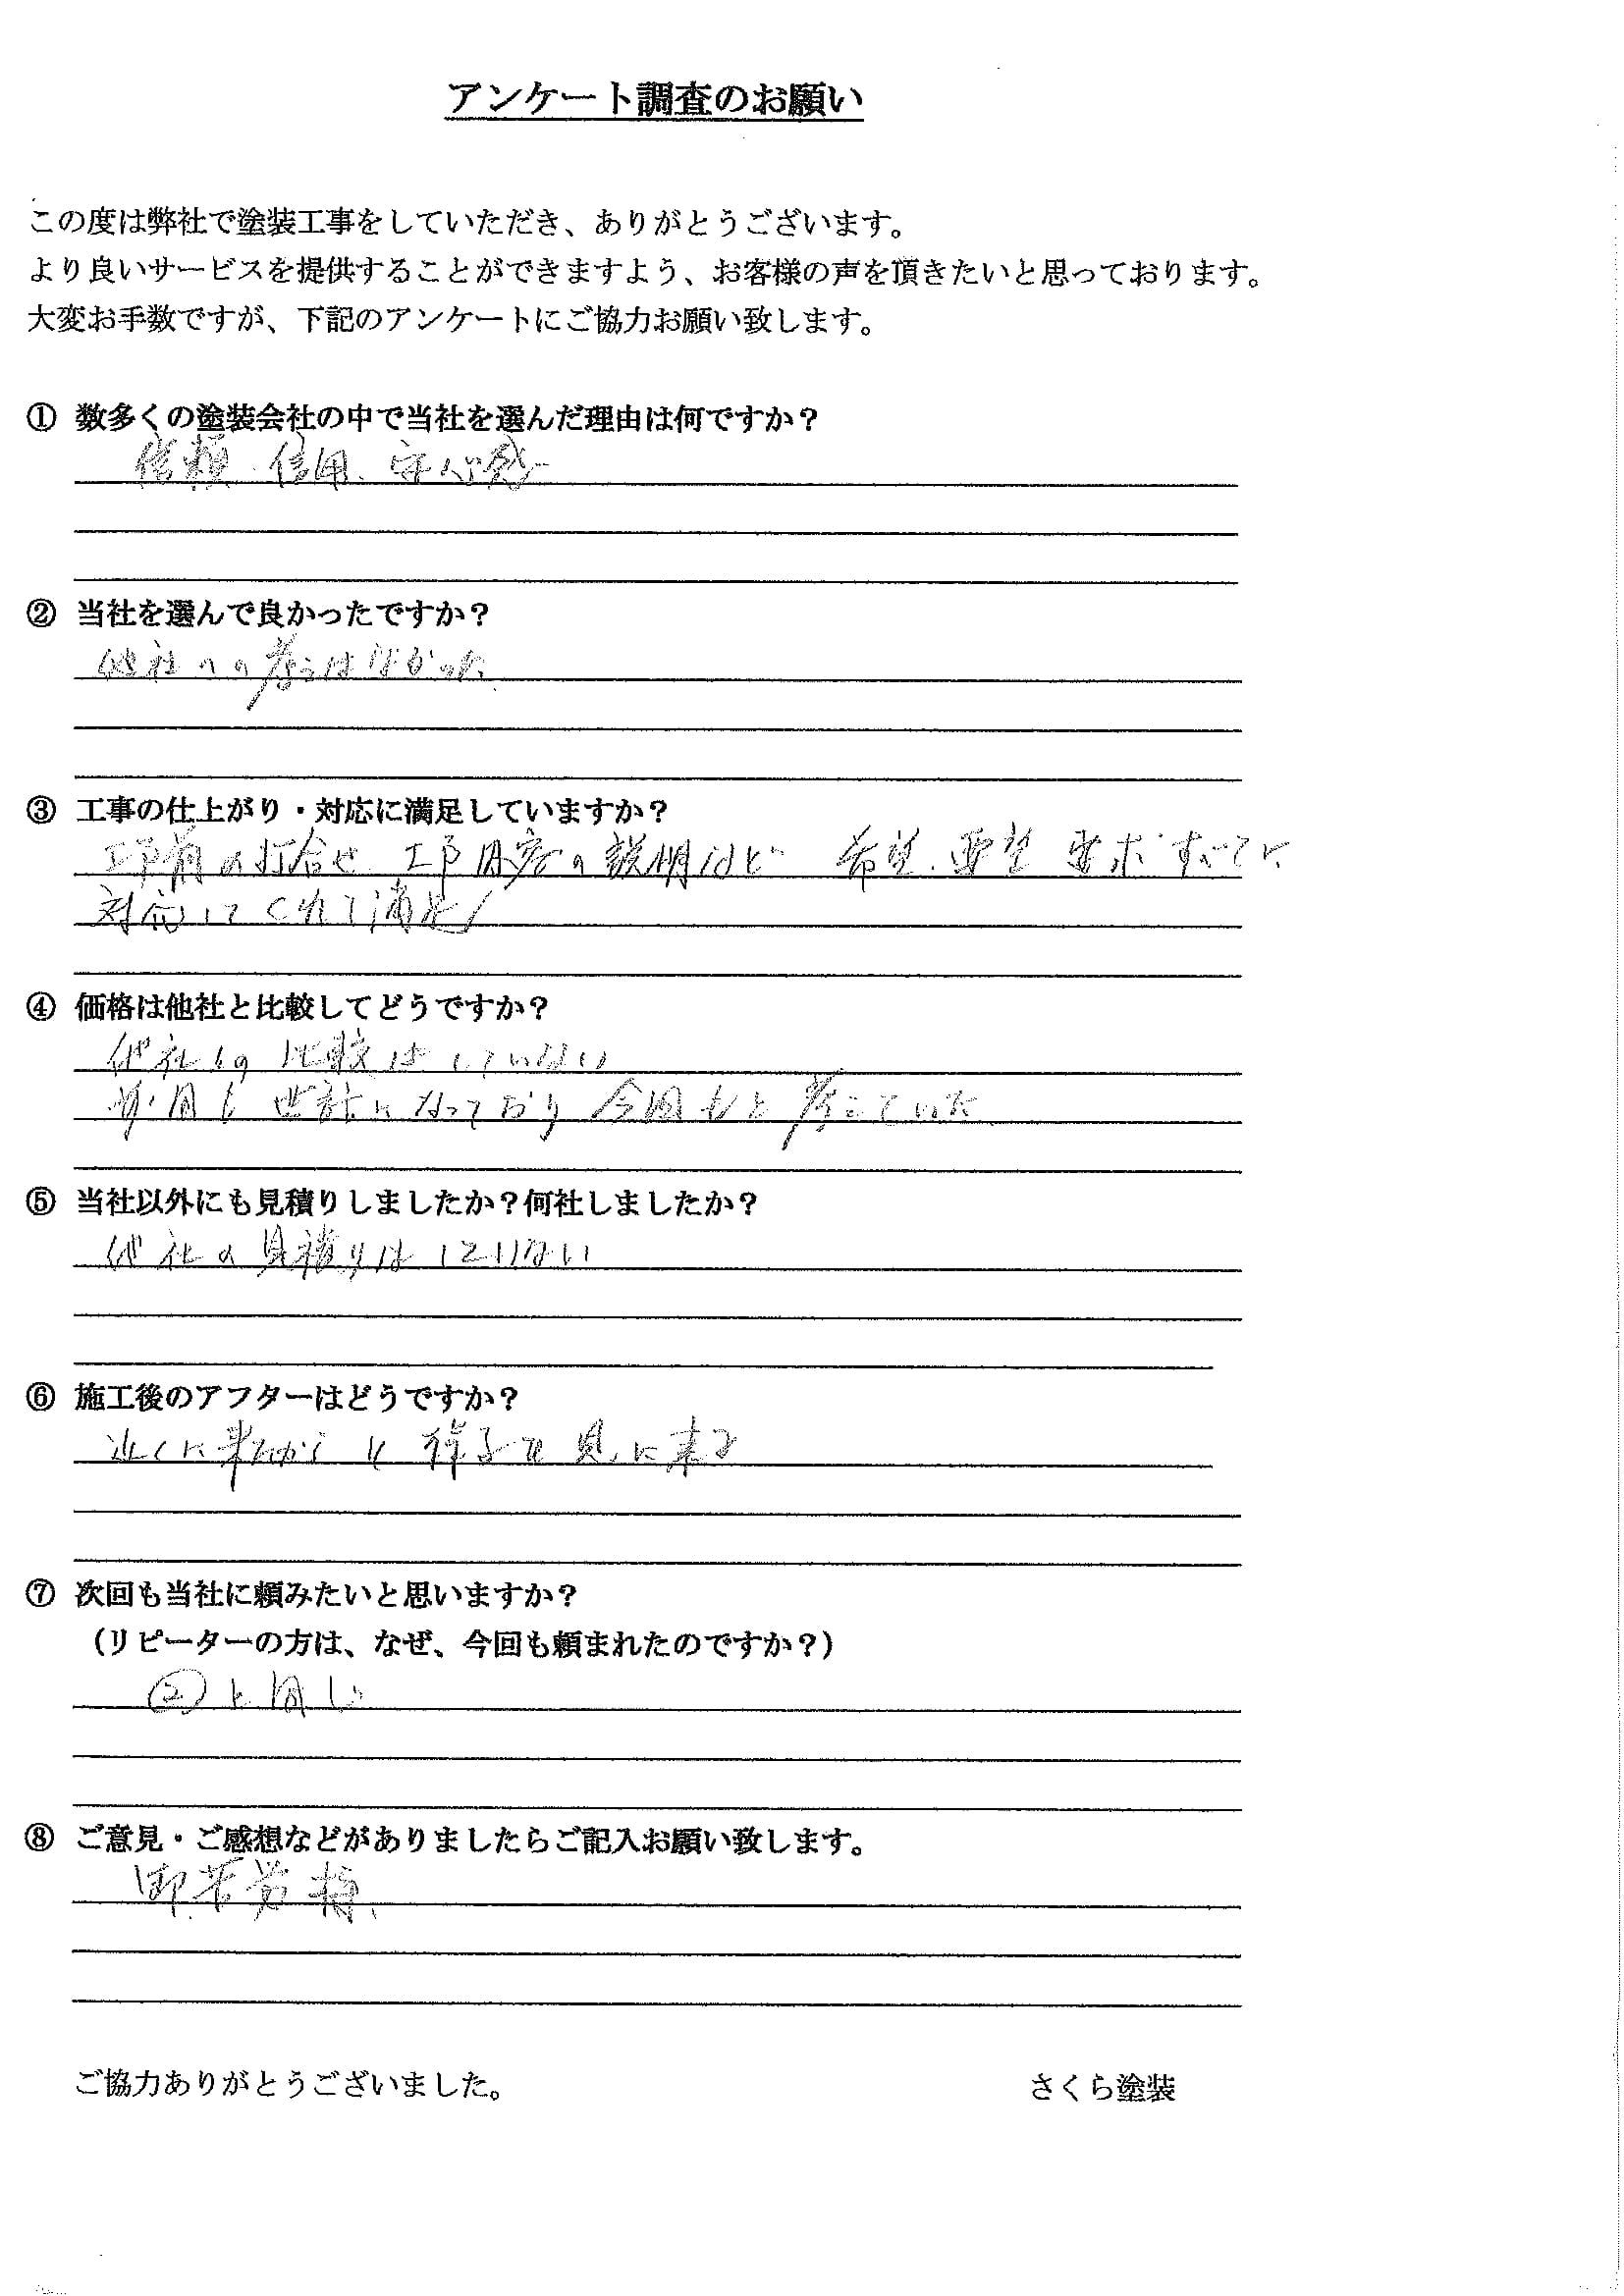 さくら塗装 埼玉県越谷市_K様_外壁屋根塗装工事_評価